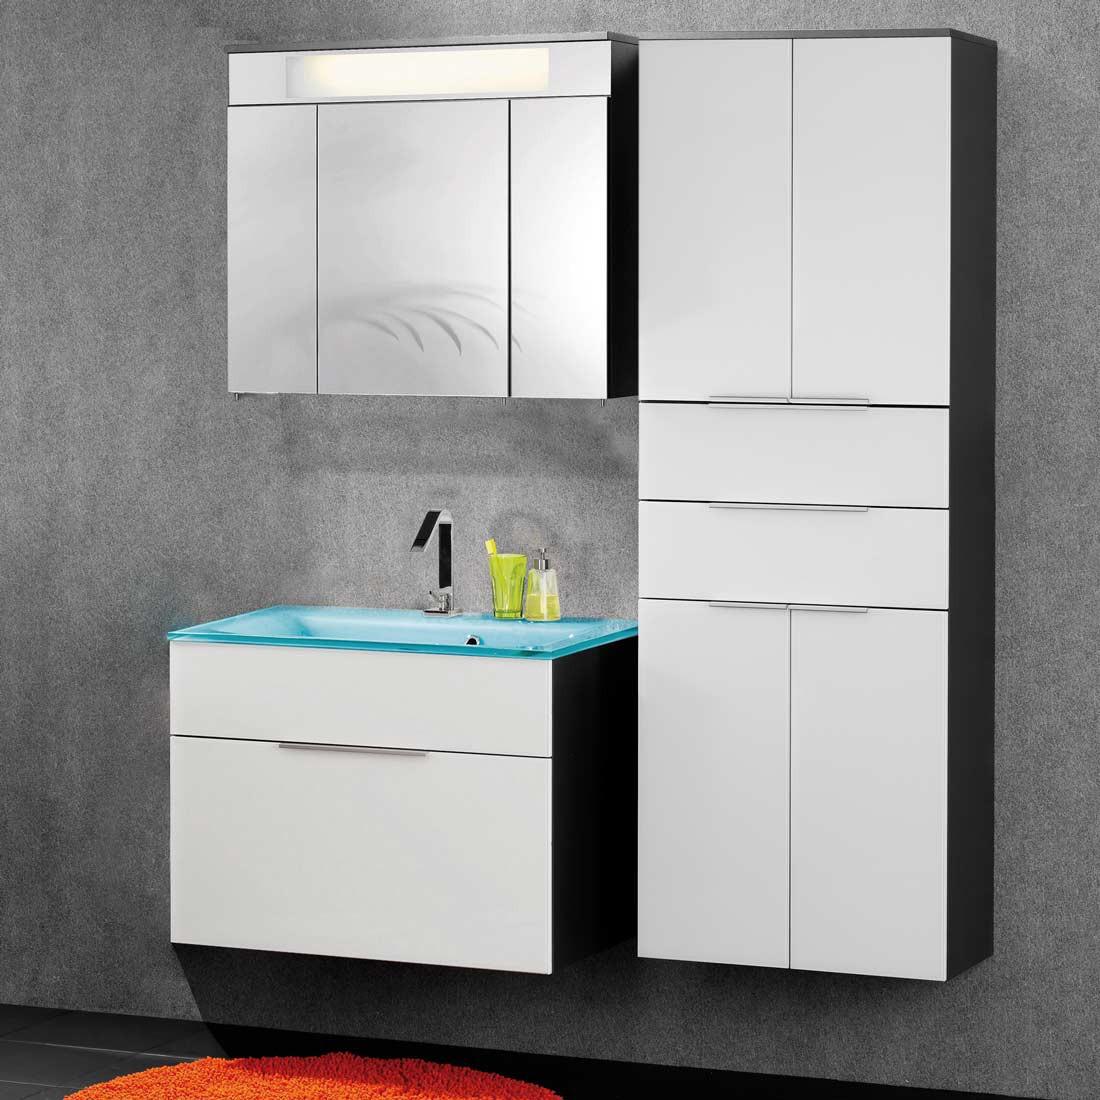 kara 2 badezimmerset wei anthrazit 3er set mit hochschrank. Black Bedroom Furniture Sets. Home Design Ideas